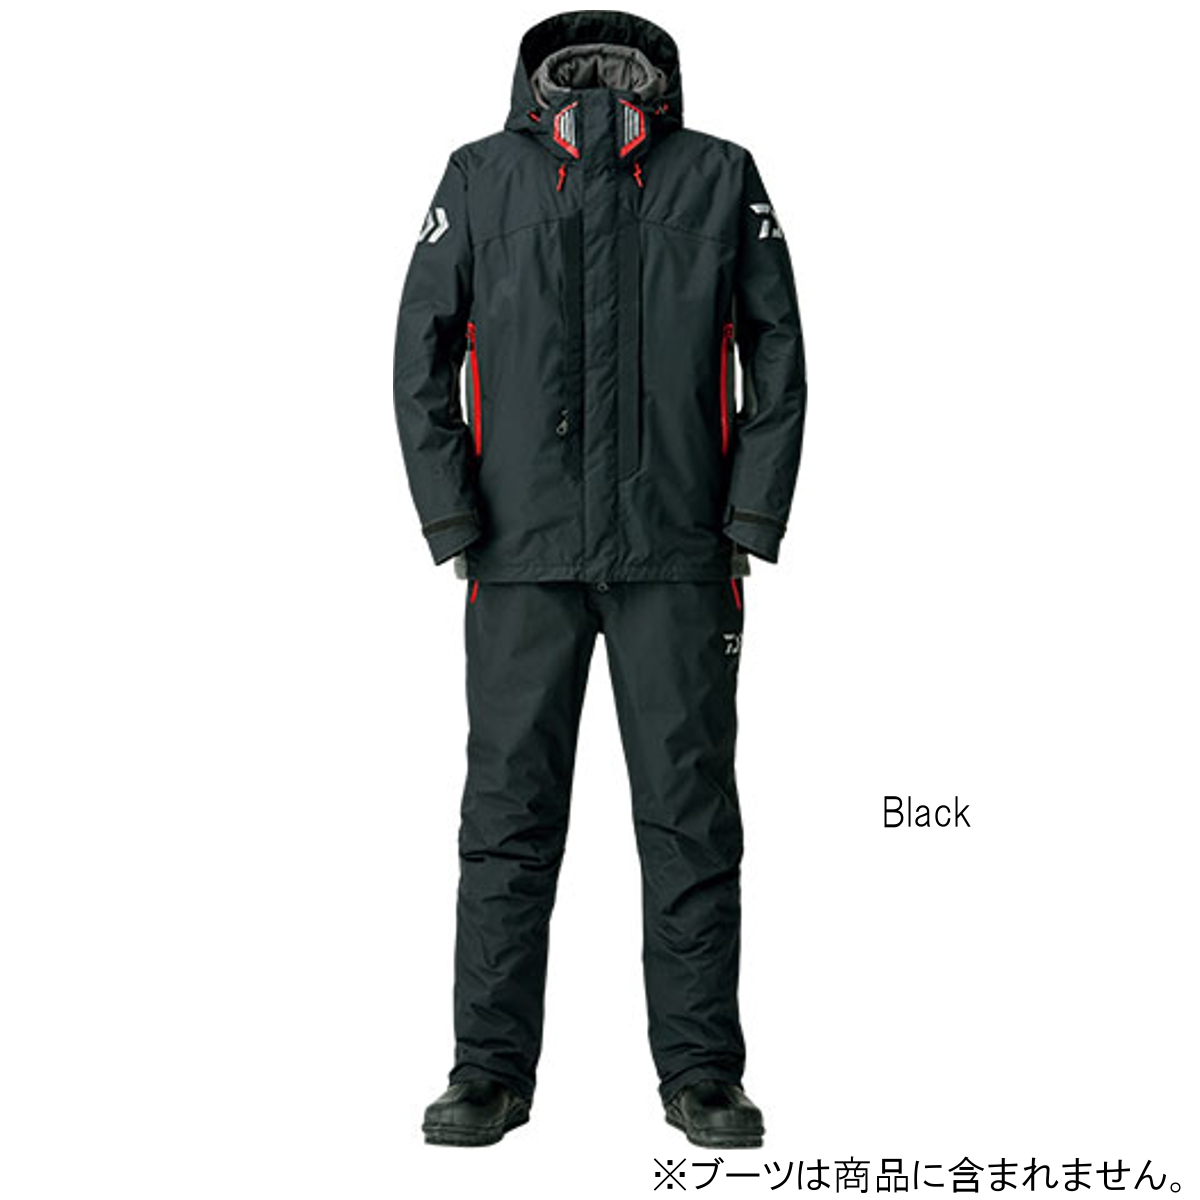 ダイワ レインマックス ハイパー ハイロフト コンビアップ ウィンタースーツ DW-3408 XL Black